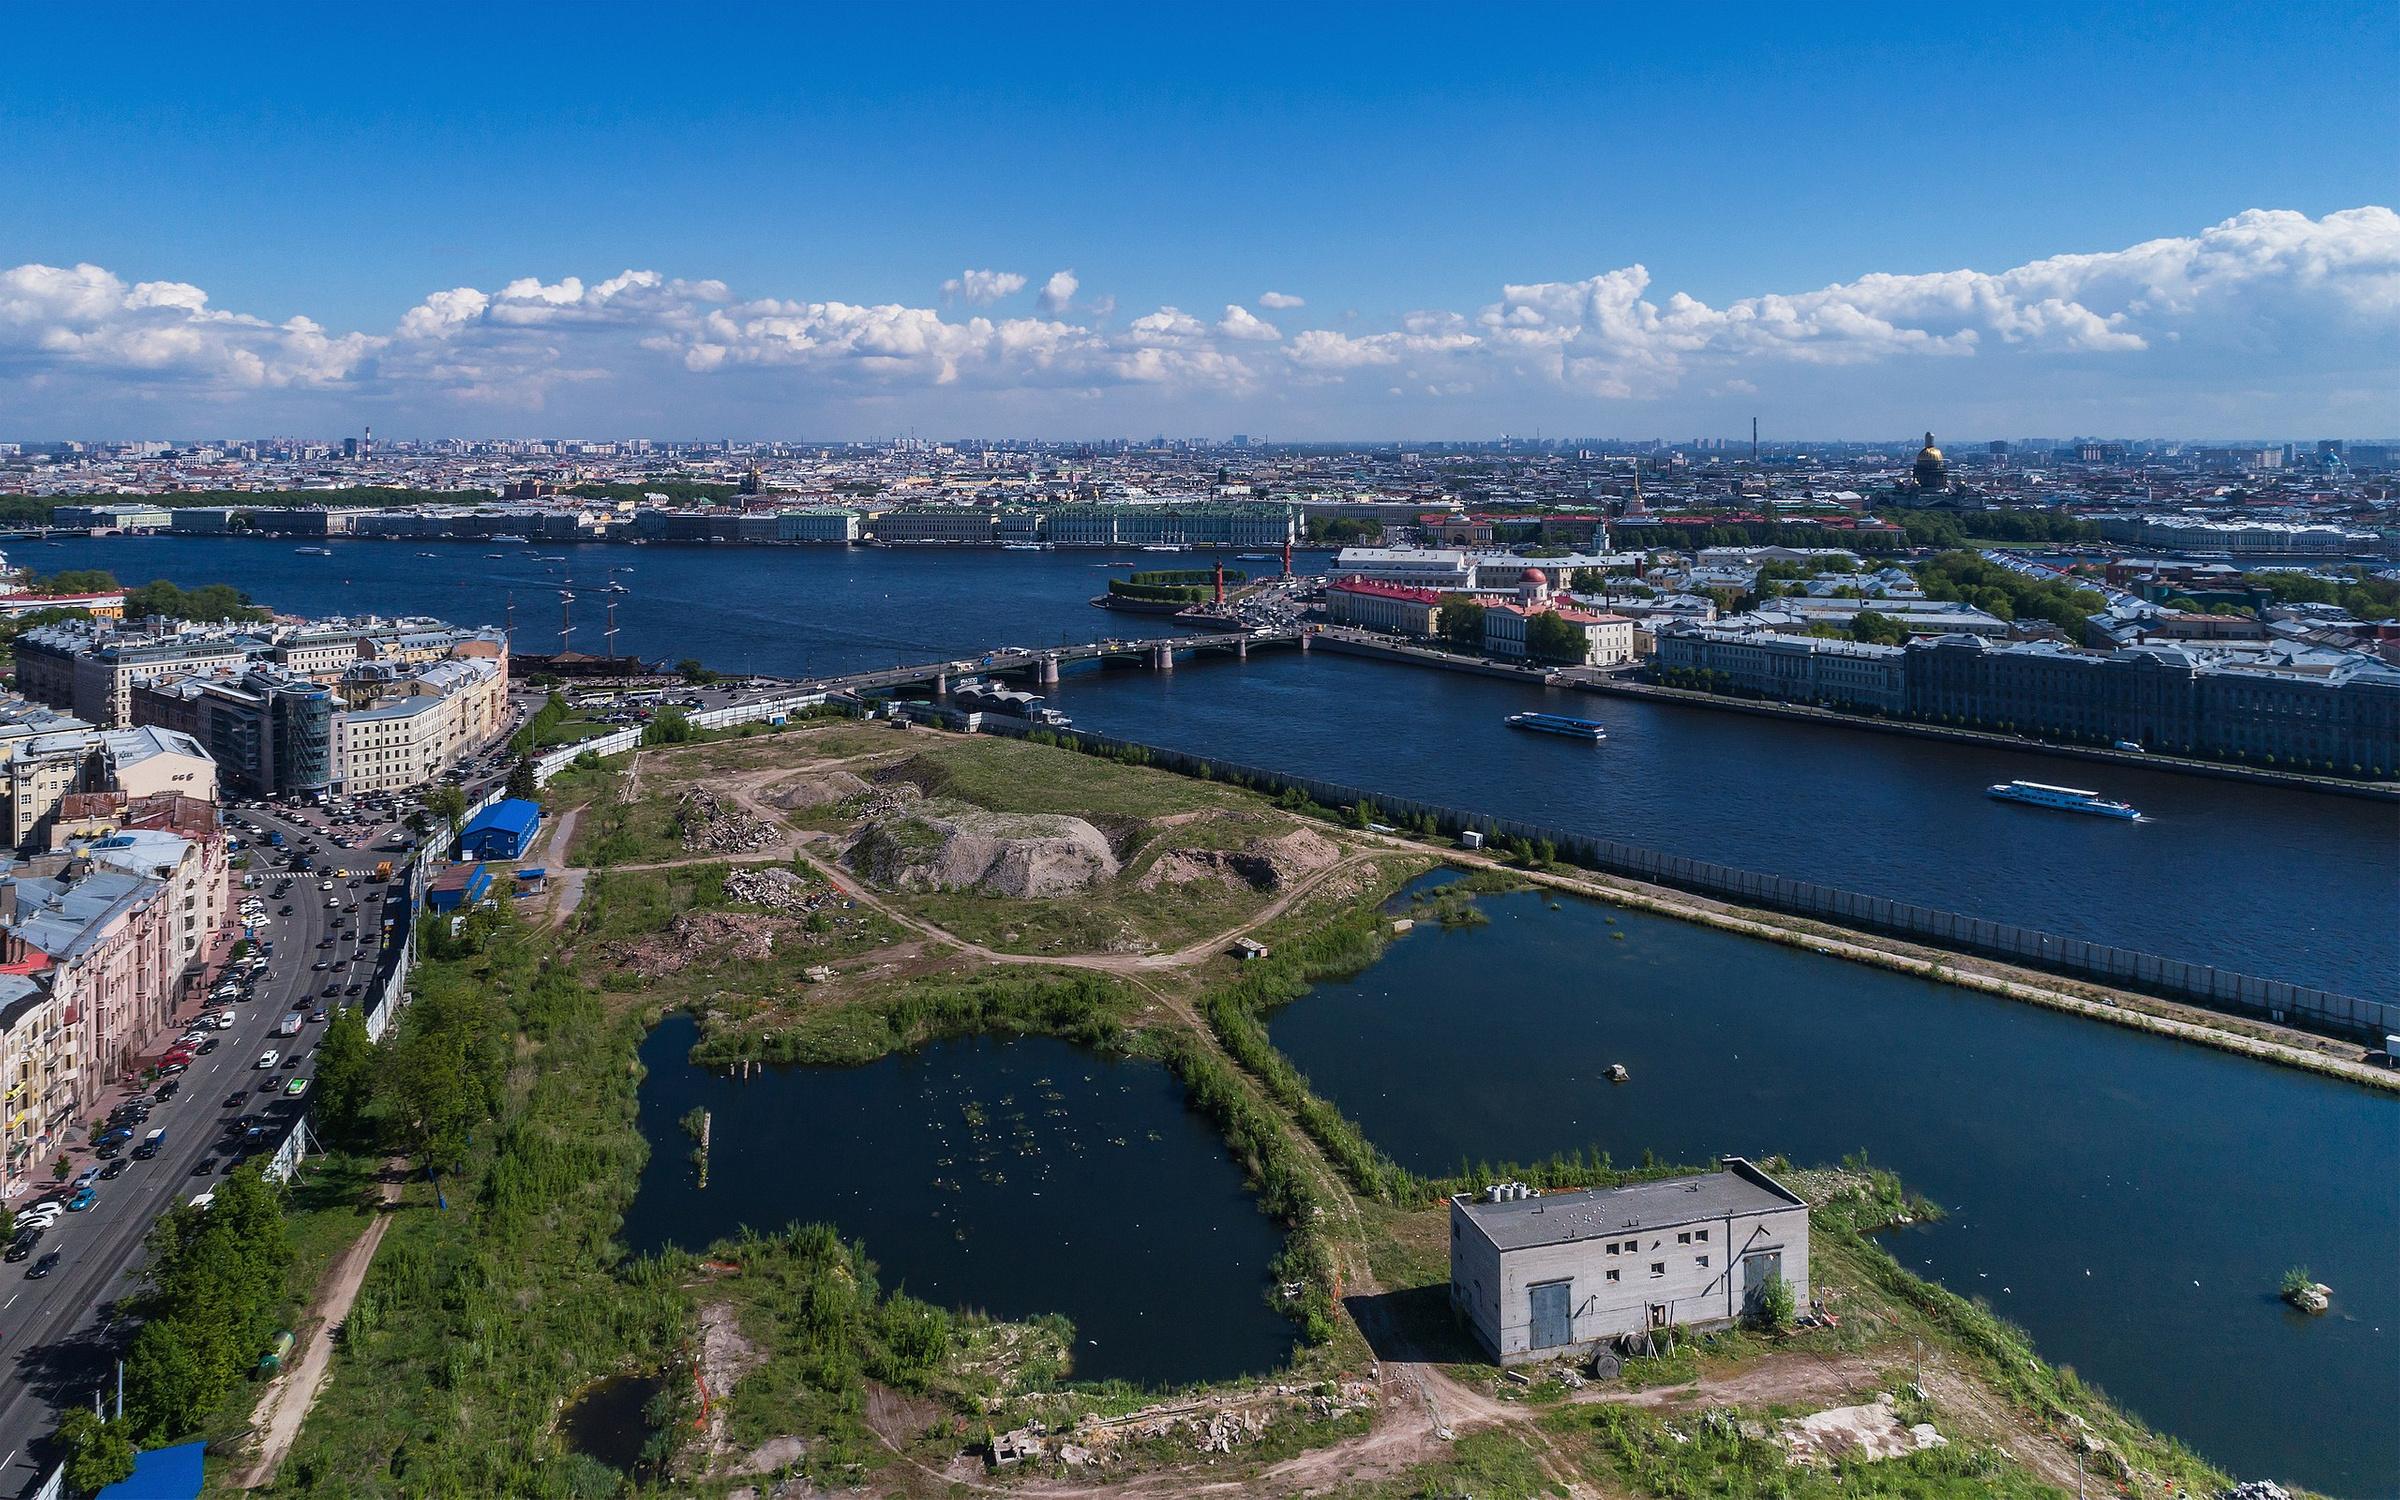 Затопленный пустырь на месте здания ГИПХ, вид с воздуха. Фото © Wikipedia